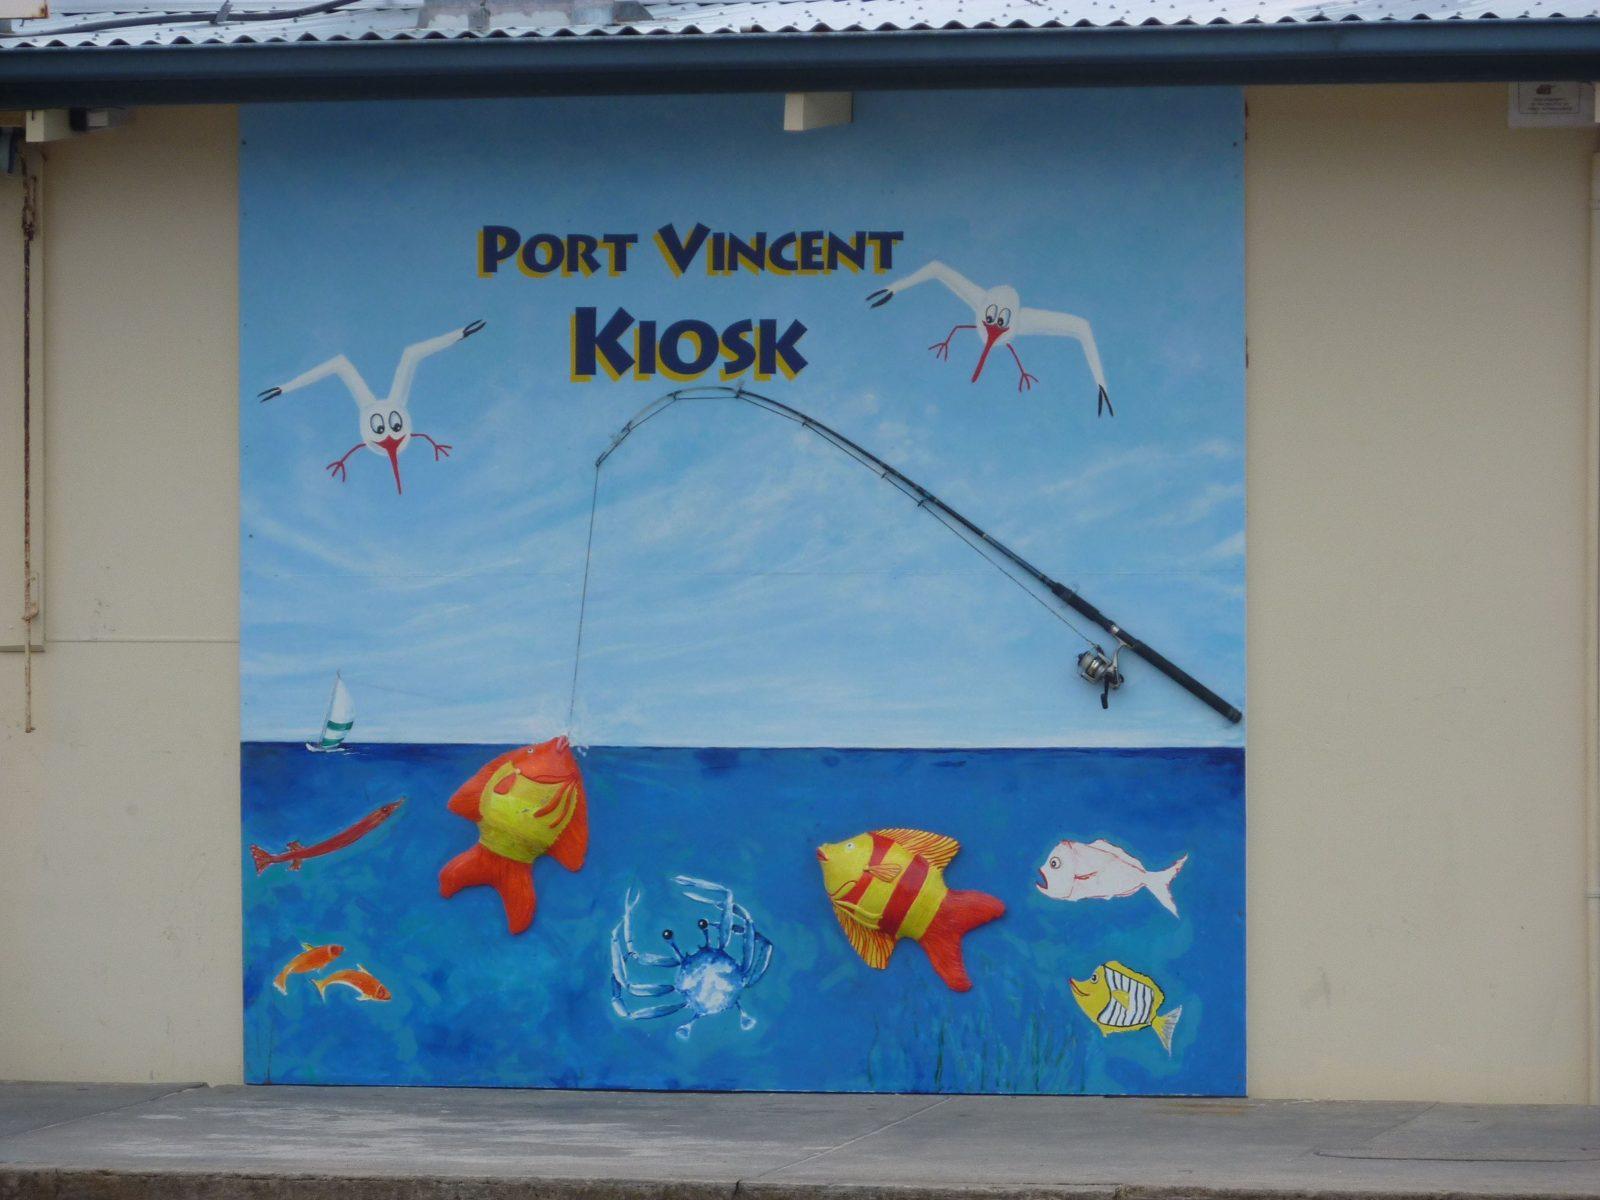 Port Vincent Kiosk